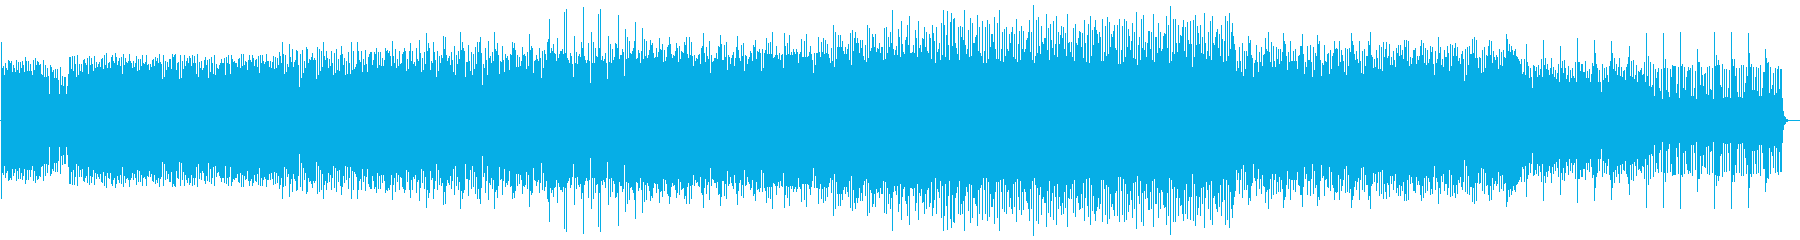 Elementsの再生済みの波形